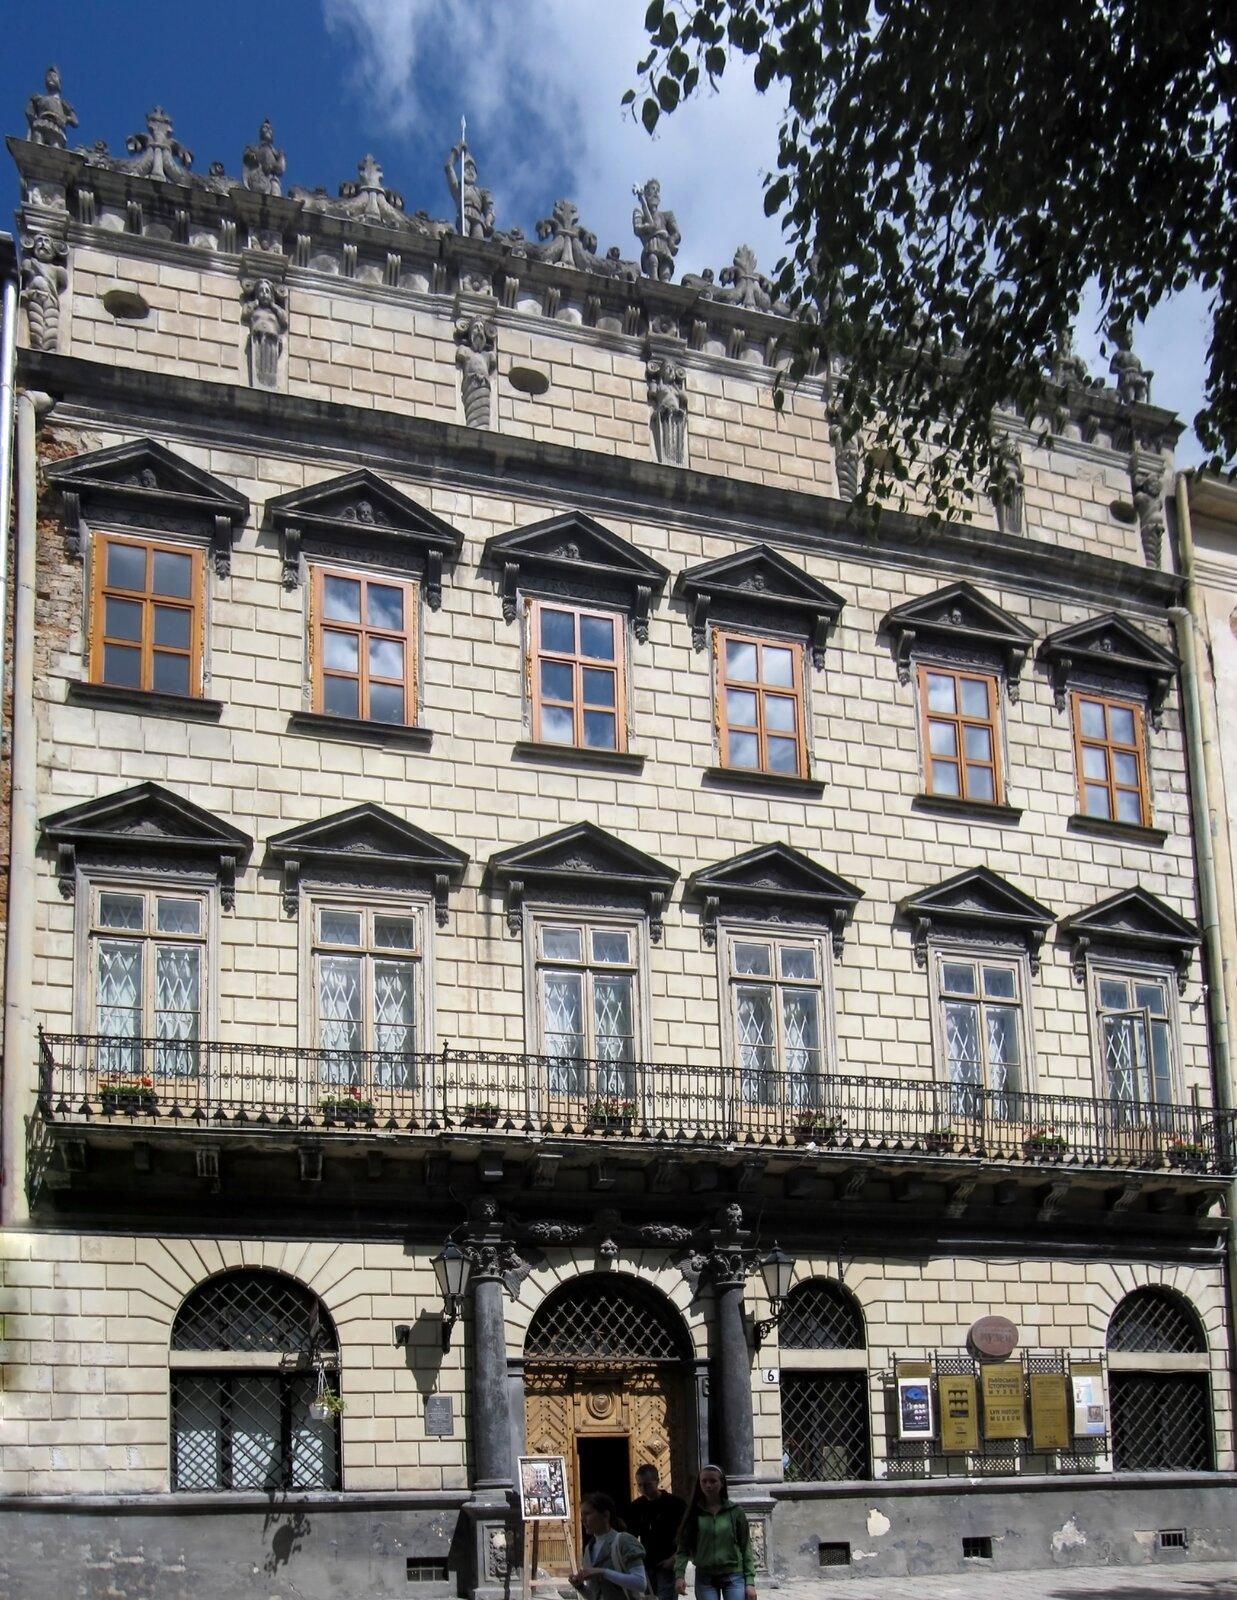 Lwów - Kamienica Królewska– widok od strony Rynku Lwów - Kamienica Królewska– widok od strony Rynku Źródło: Gryffindor, Wikimedia Commons, licencja: CC BY-SA 3.0.